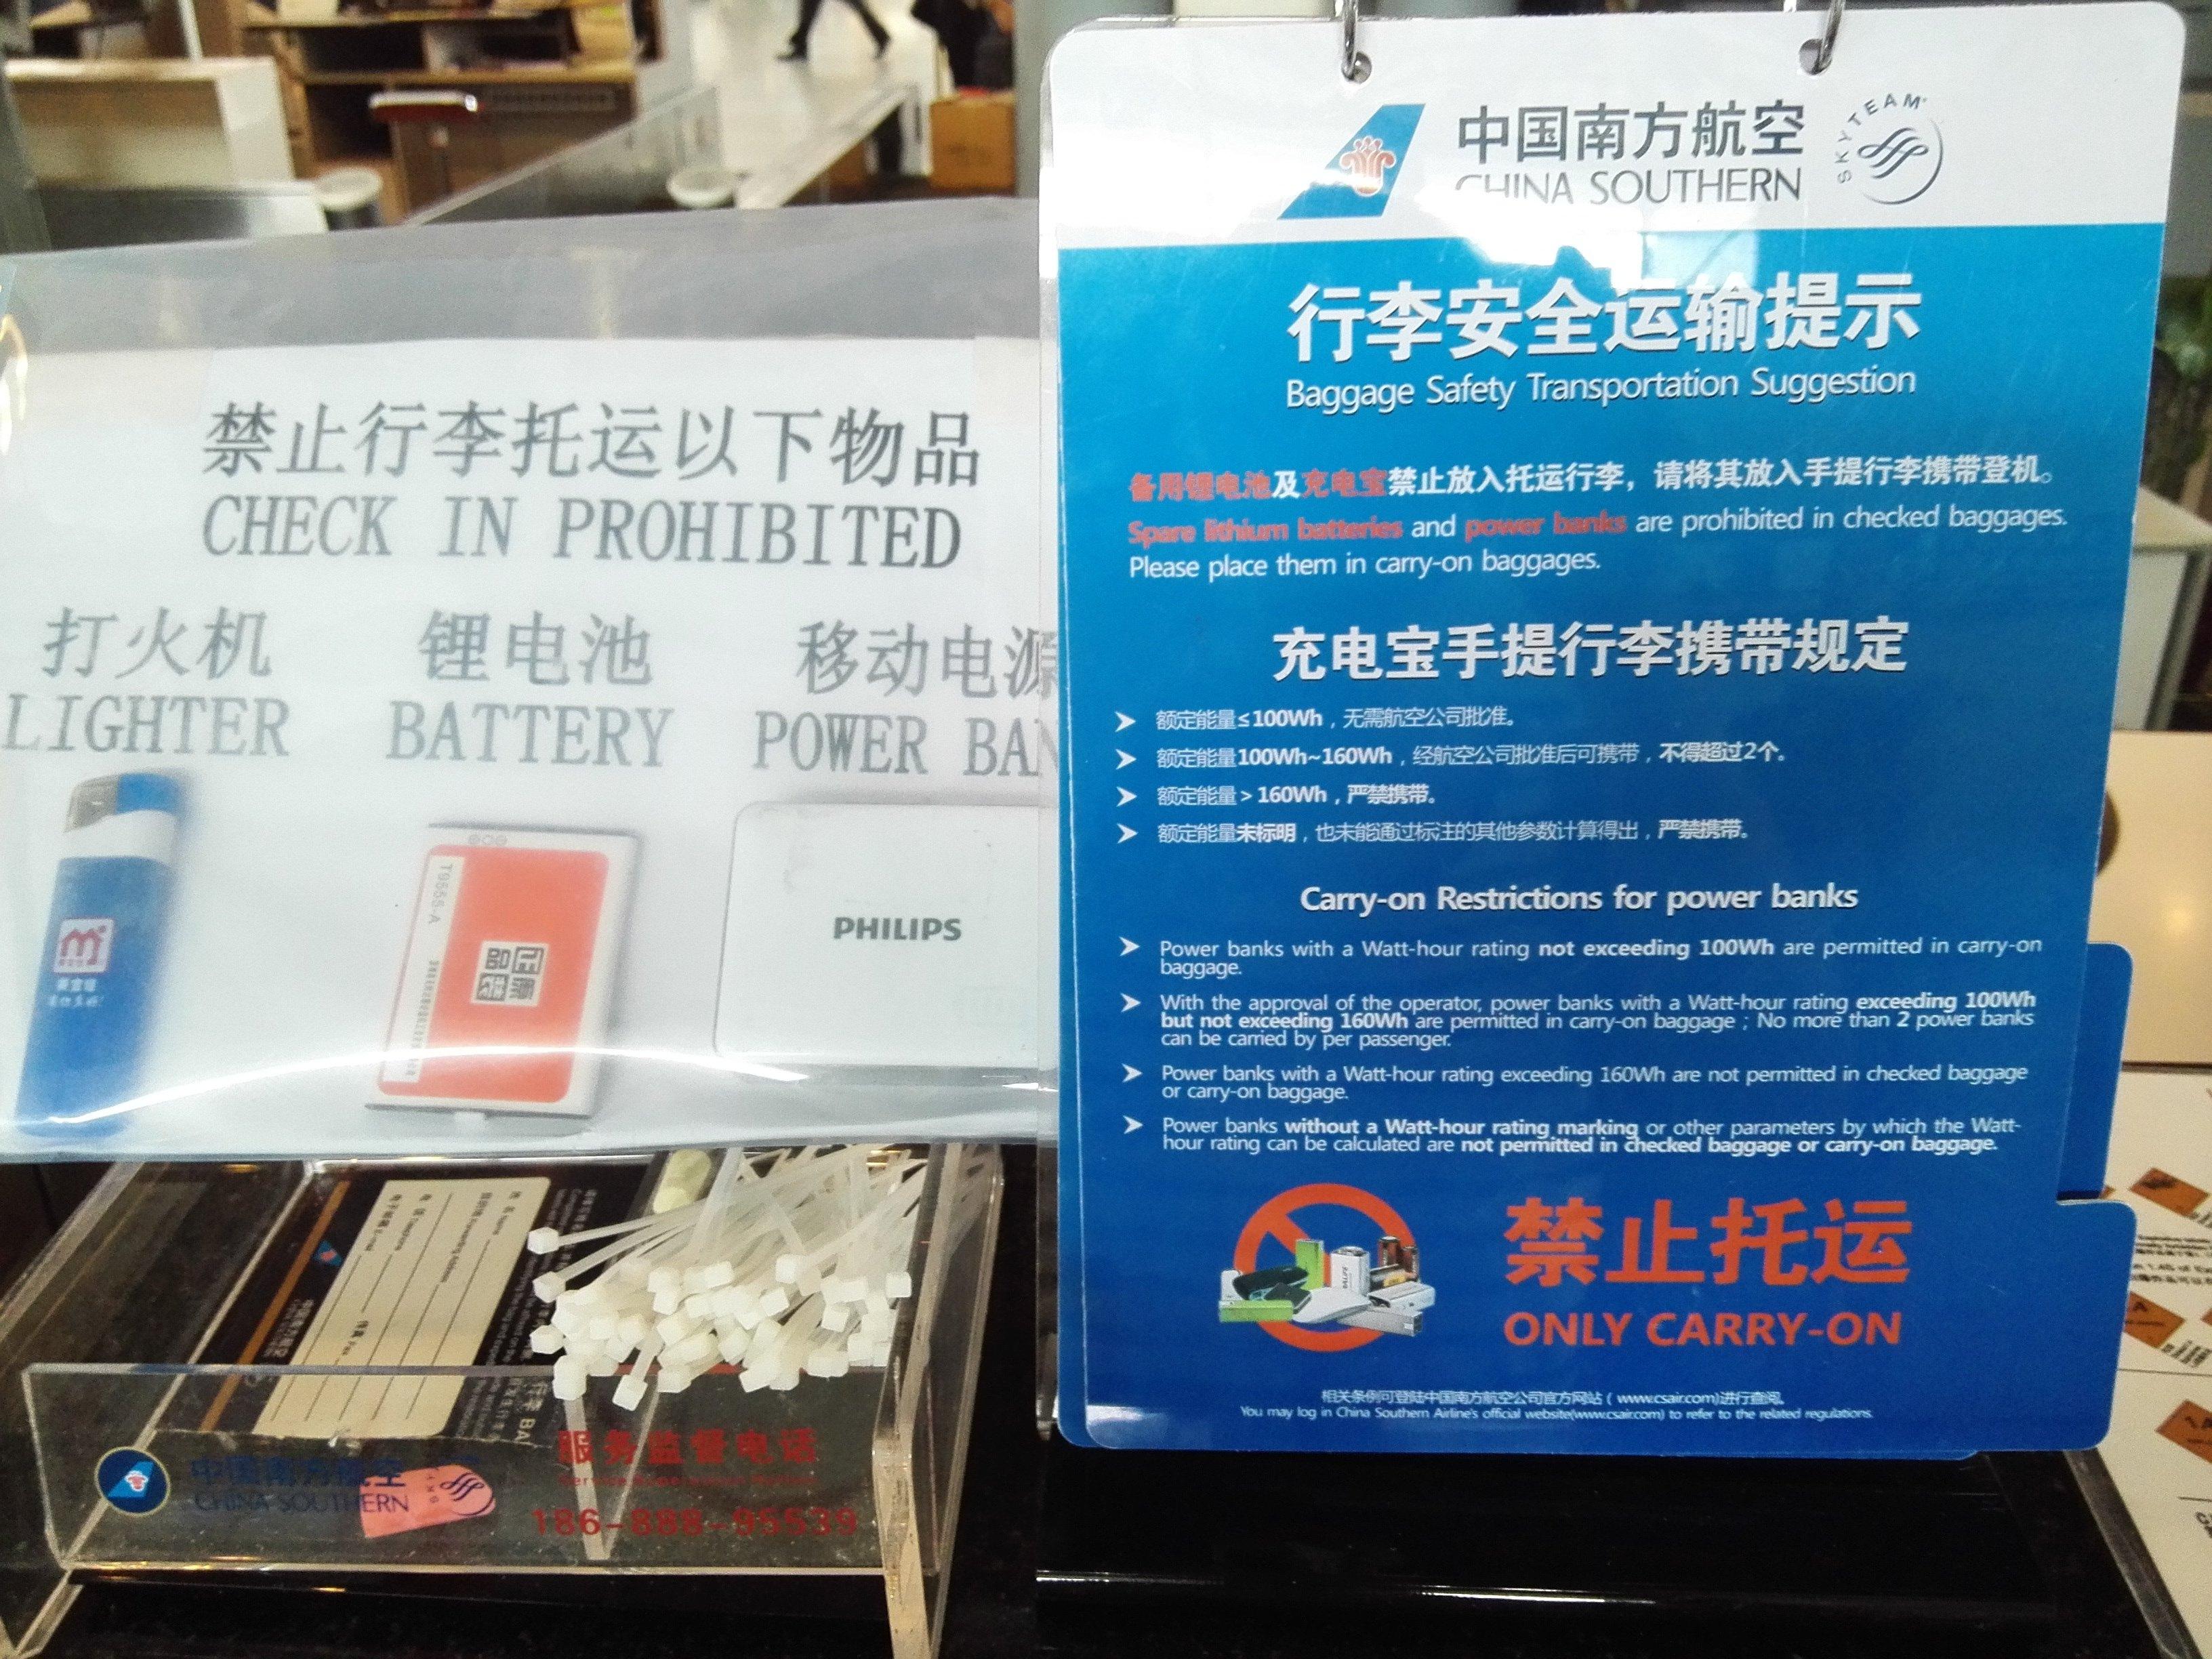 充电宝手提行李携带规定